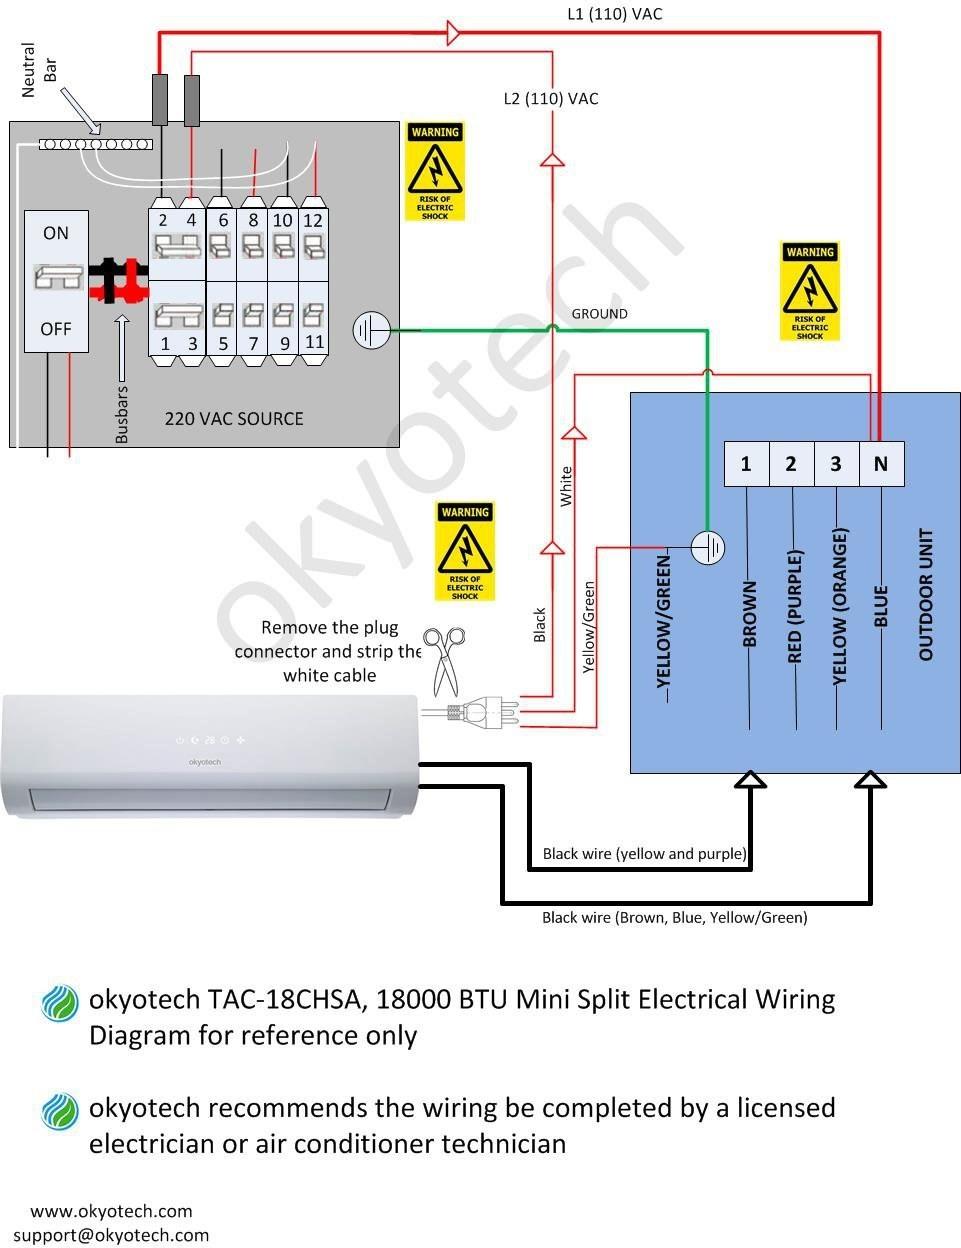 medium resolution of fujitsu mini split heat pump wiring diagram free wiring diagram wiring diagram split ac download